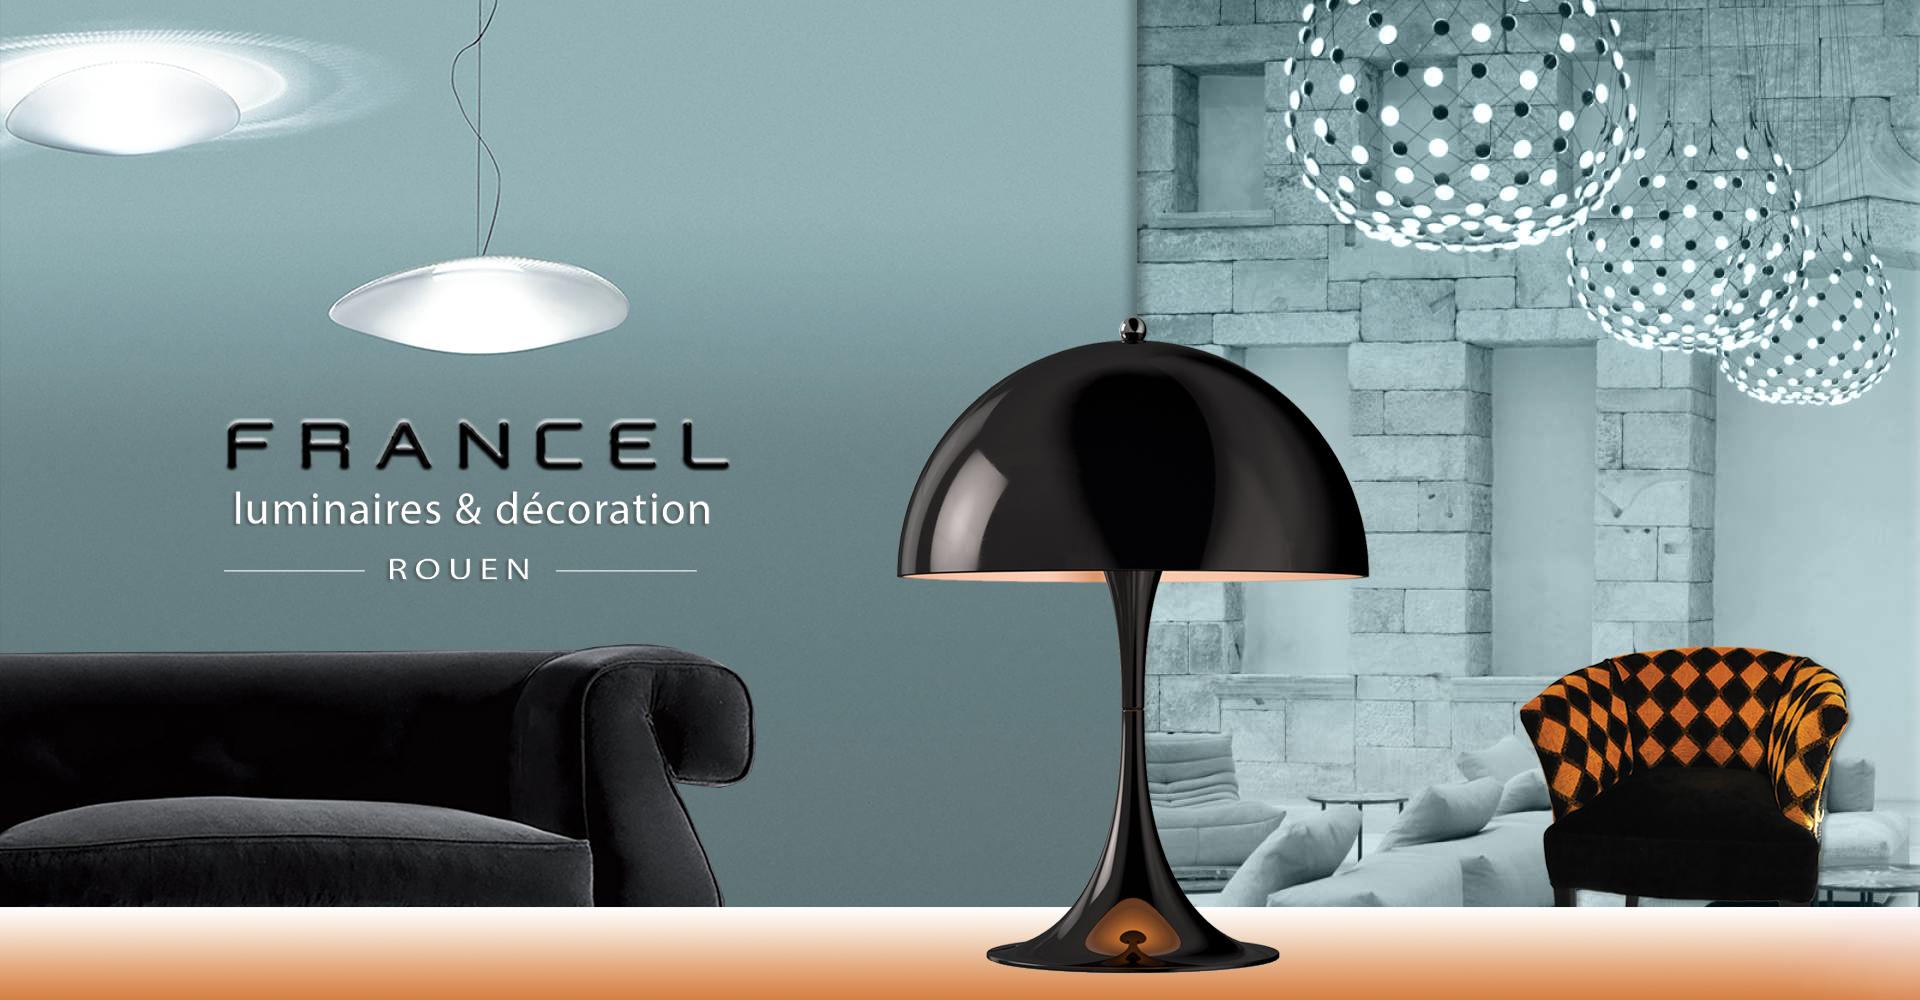 francel-luminaires-et-decoration-rouen